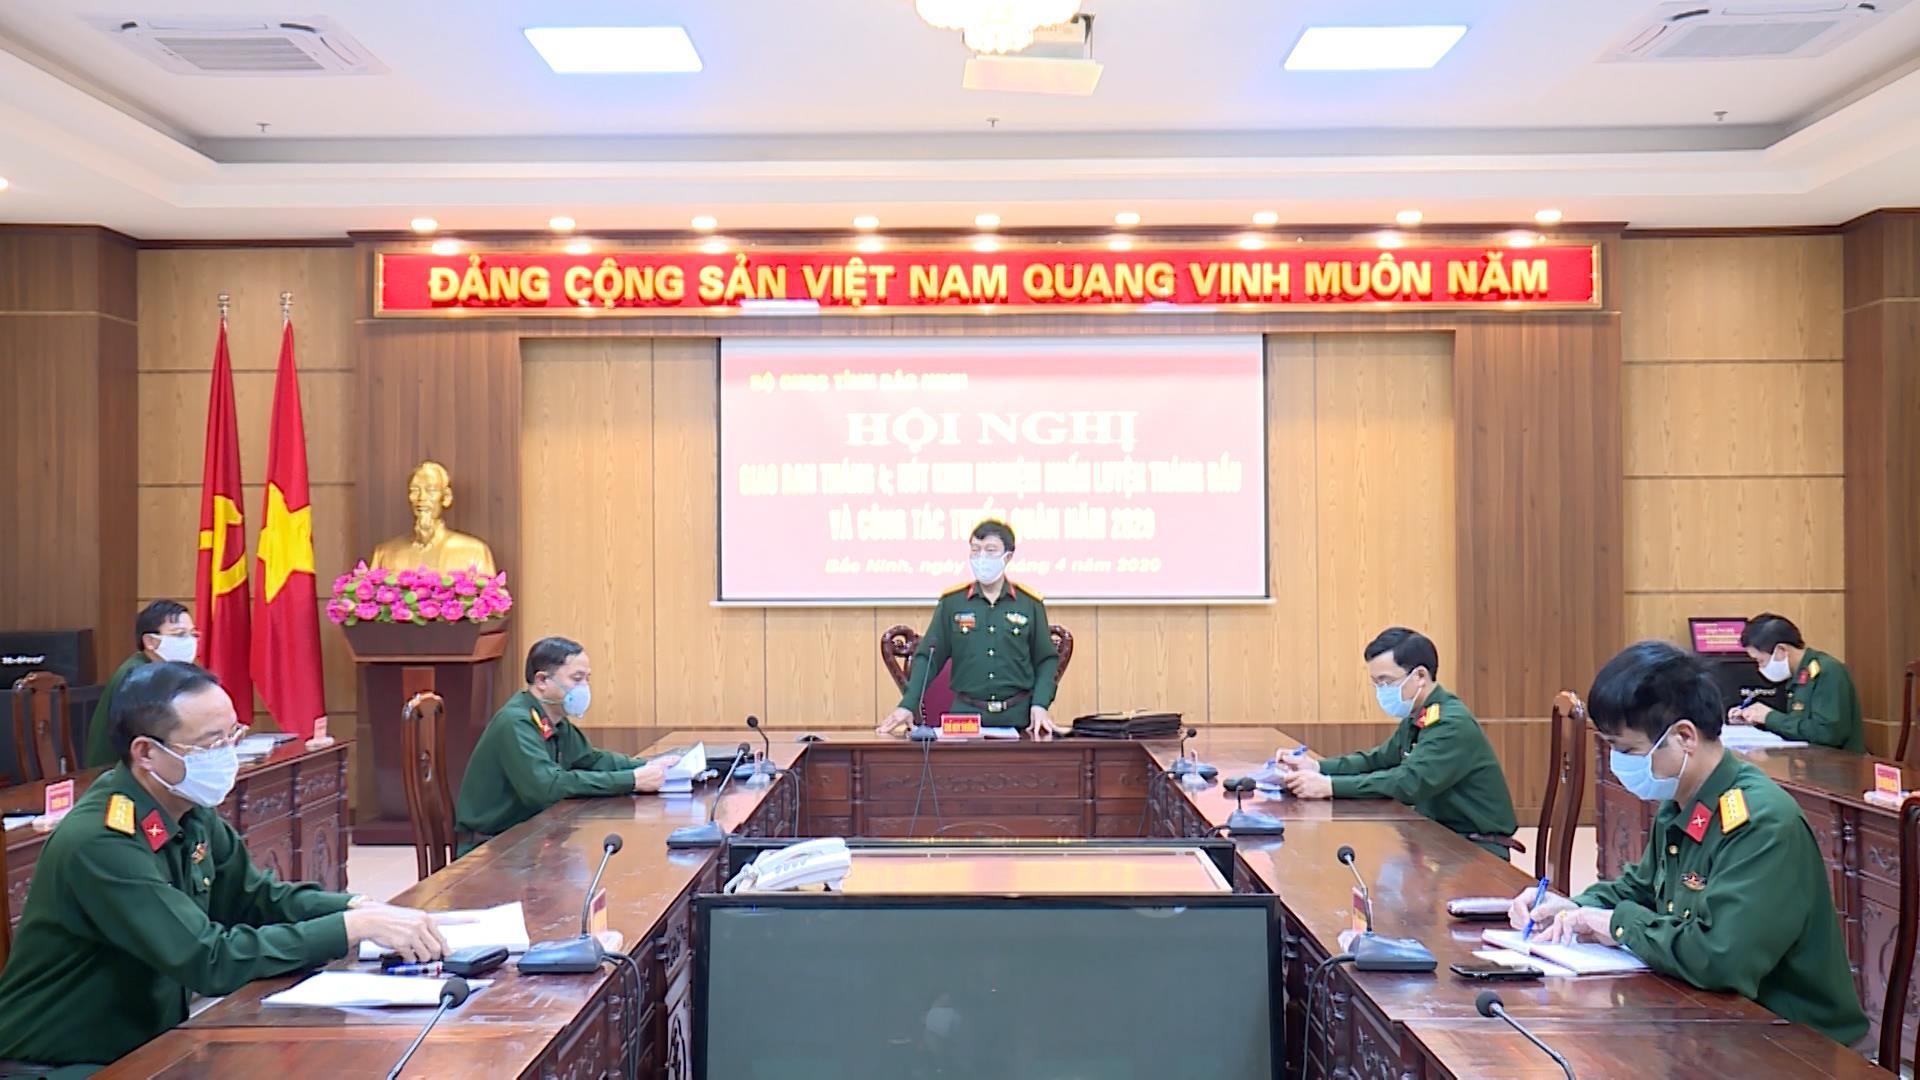 Bộ CHQS tỉnh rút kinh nghiệm tháng đầu huấn luyện và công tác tuyển quân năm 2020